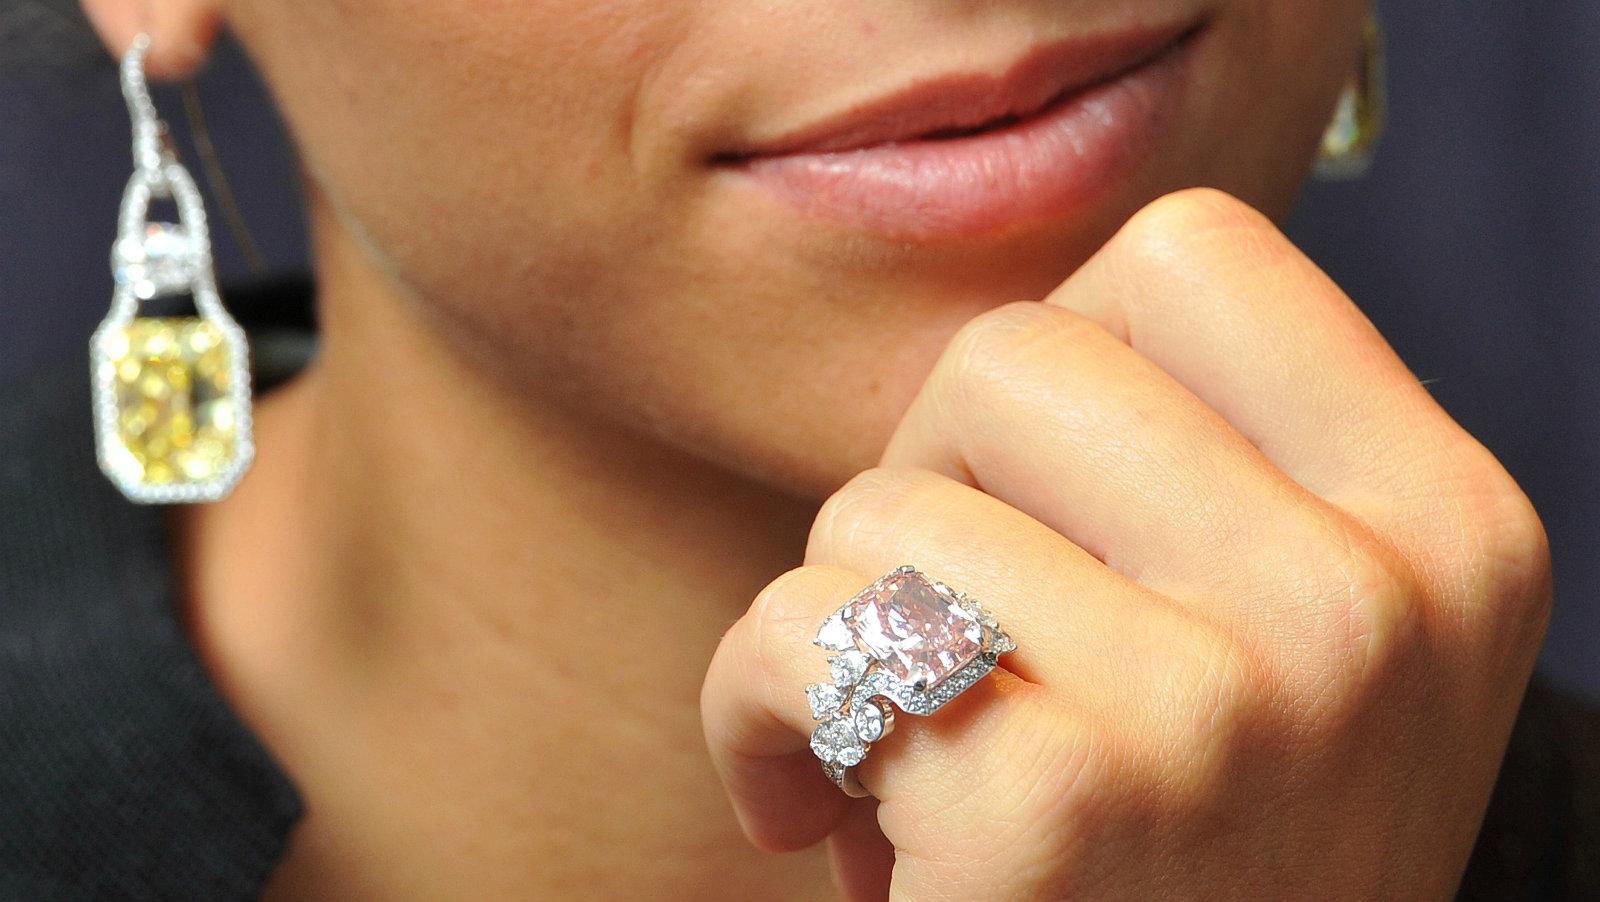 india-luxury-market-diamond